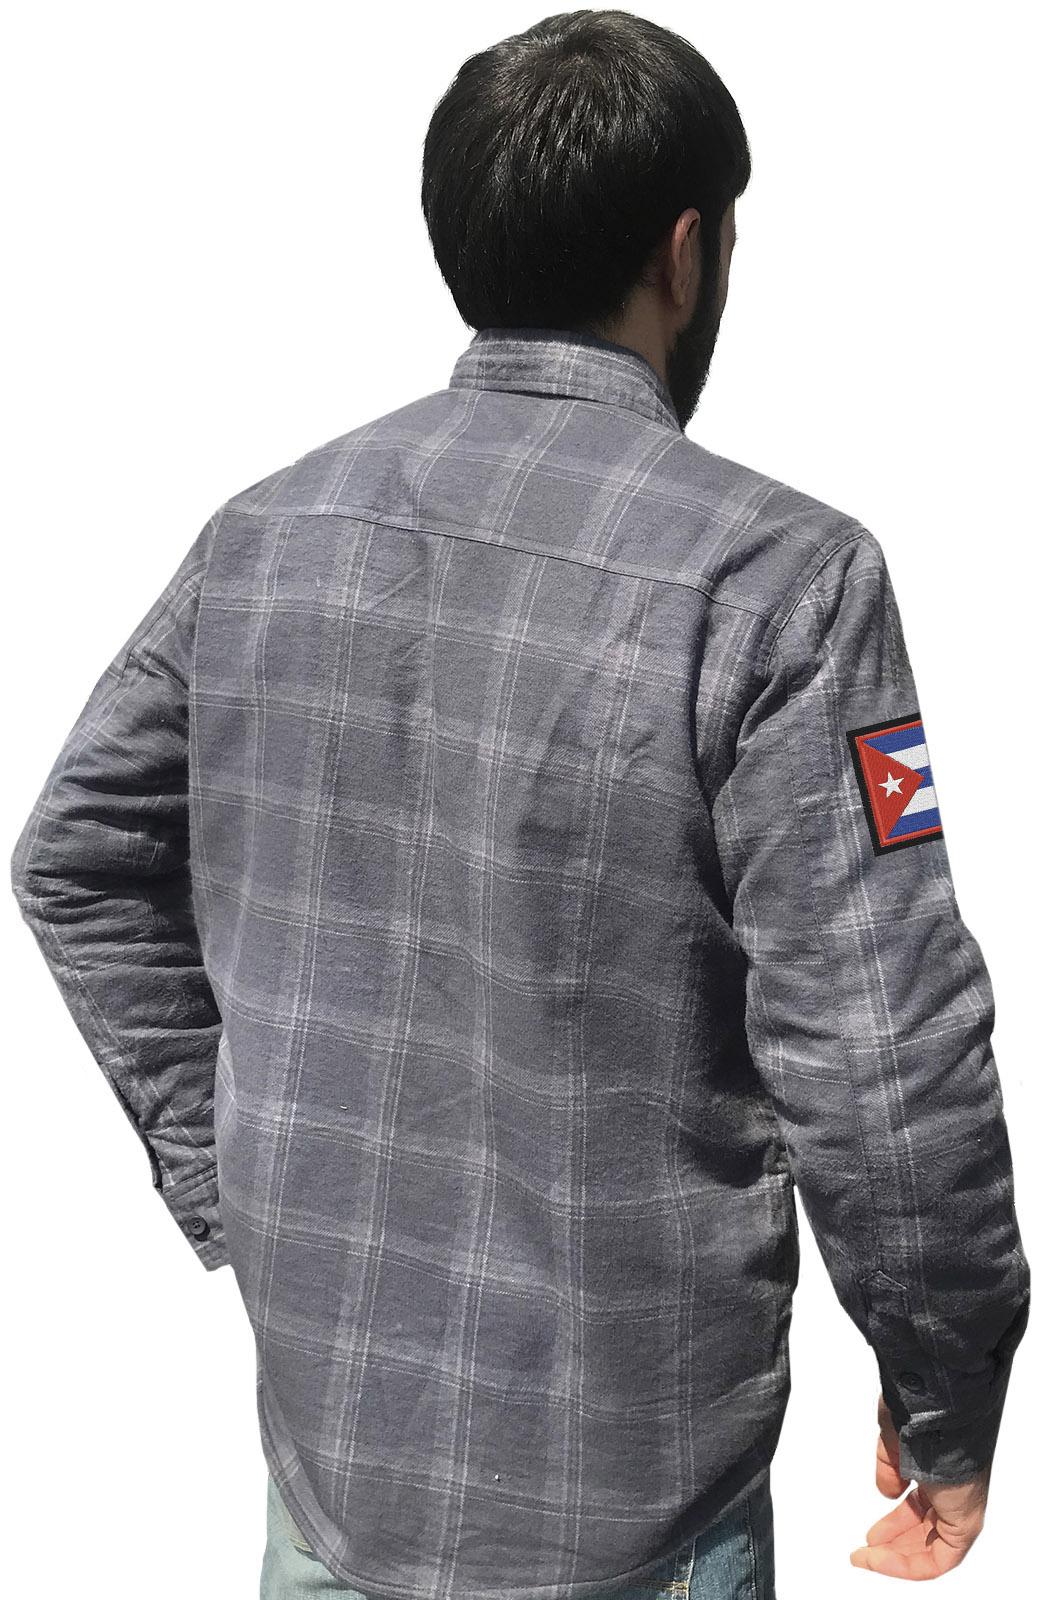 Купить строгую серую рубашку с вышитым флагом Кубы с доставкой в ваш город